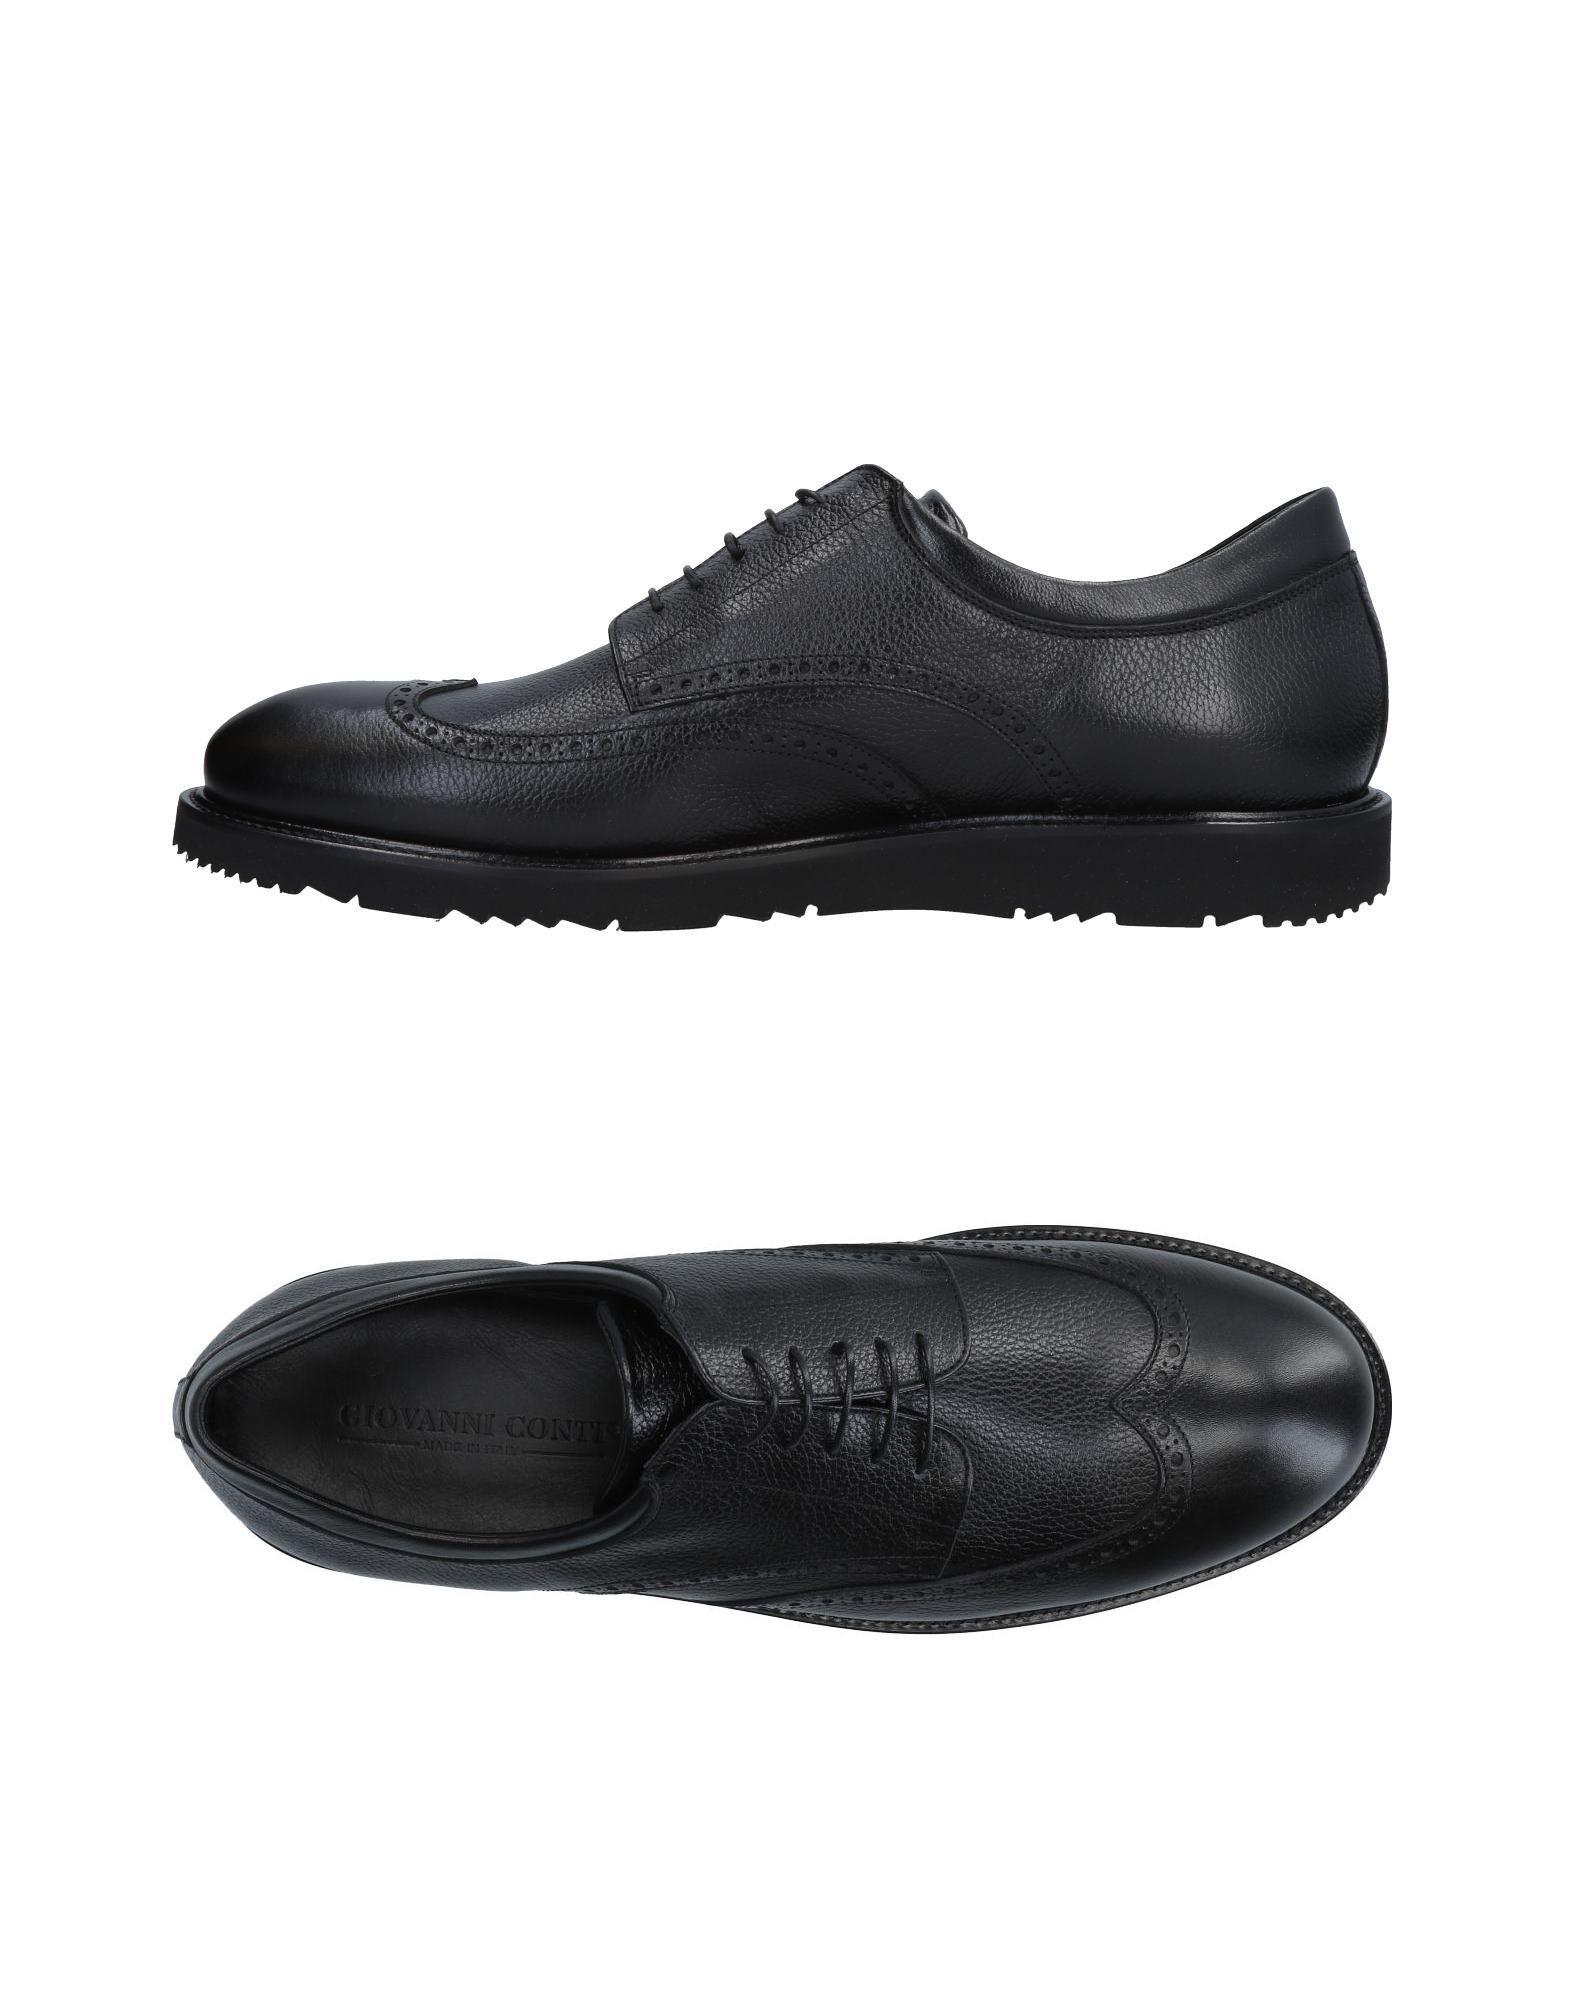 Giovanni Conti Schnürschuhe Herren  11471583CD Gute Qualität beliebte Schuhe